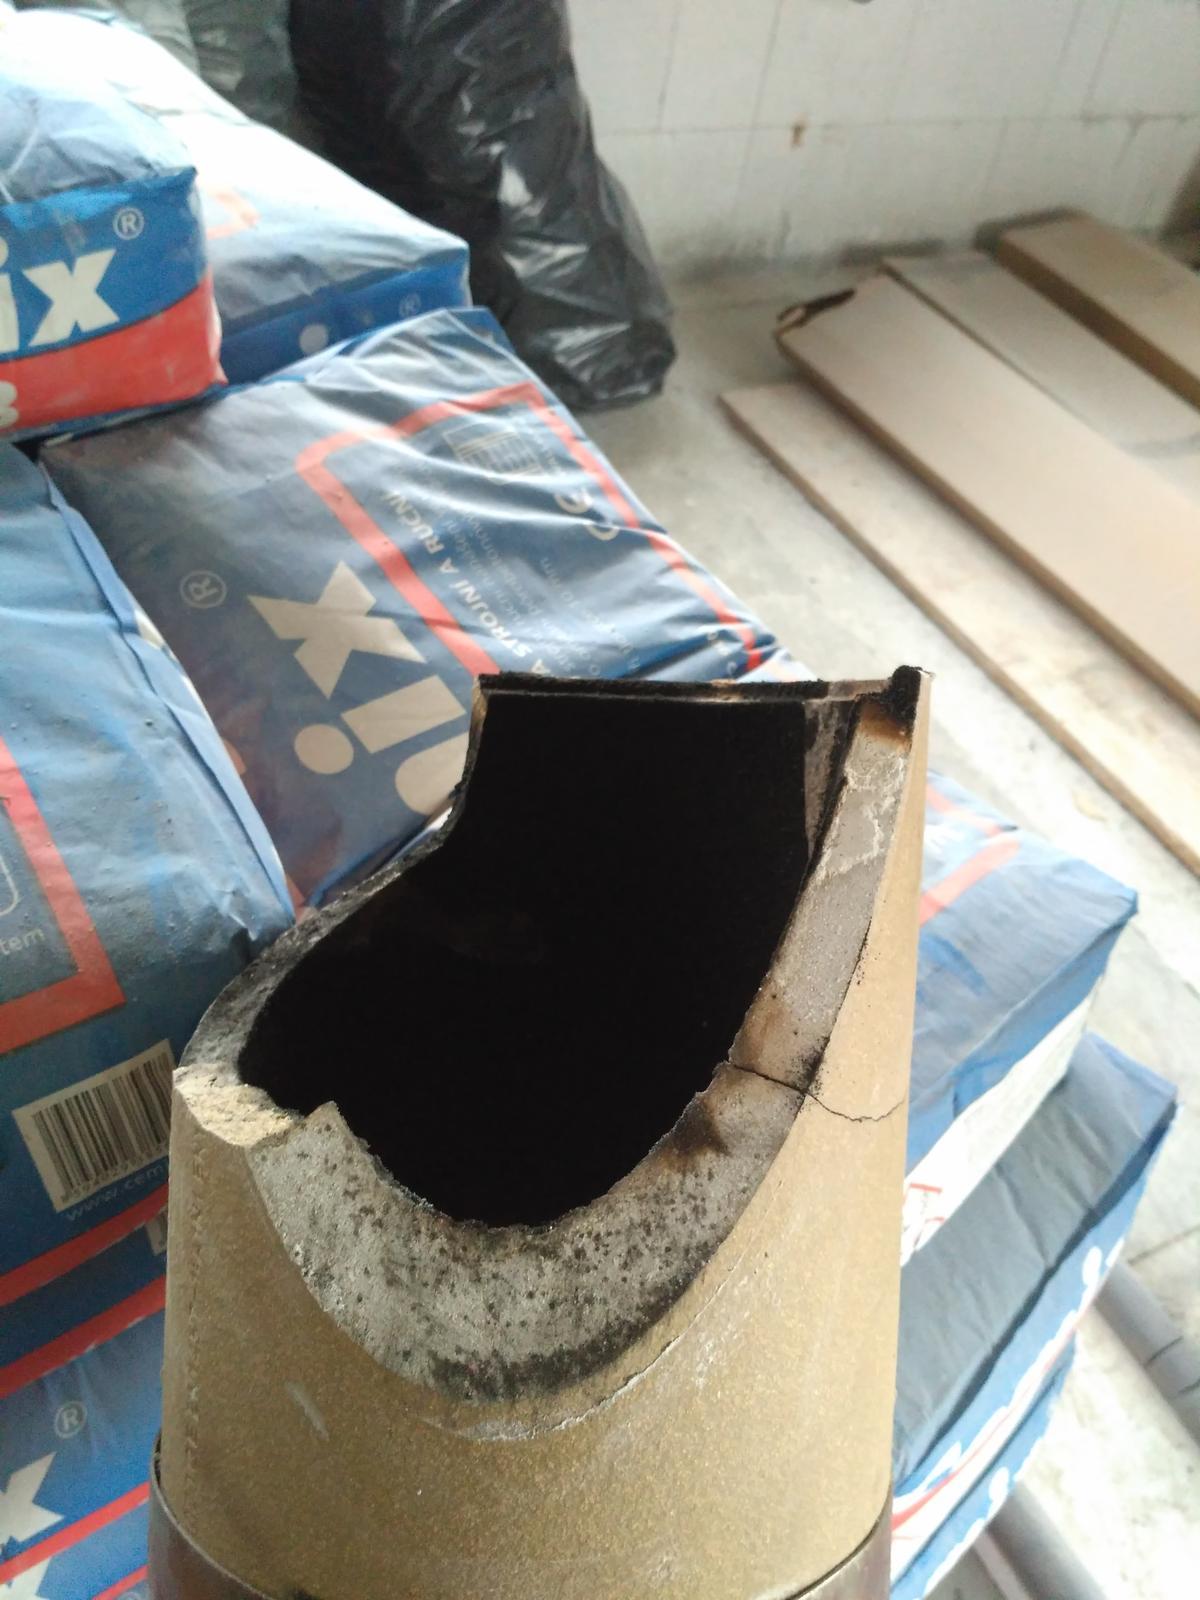 Oprava keramického komínu - Poškozený sopouch, cca 1/4 zůstala v komínu